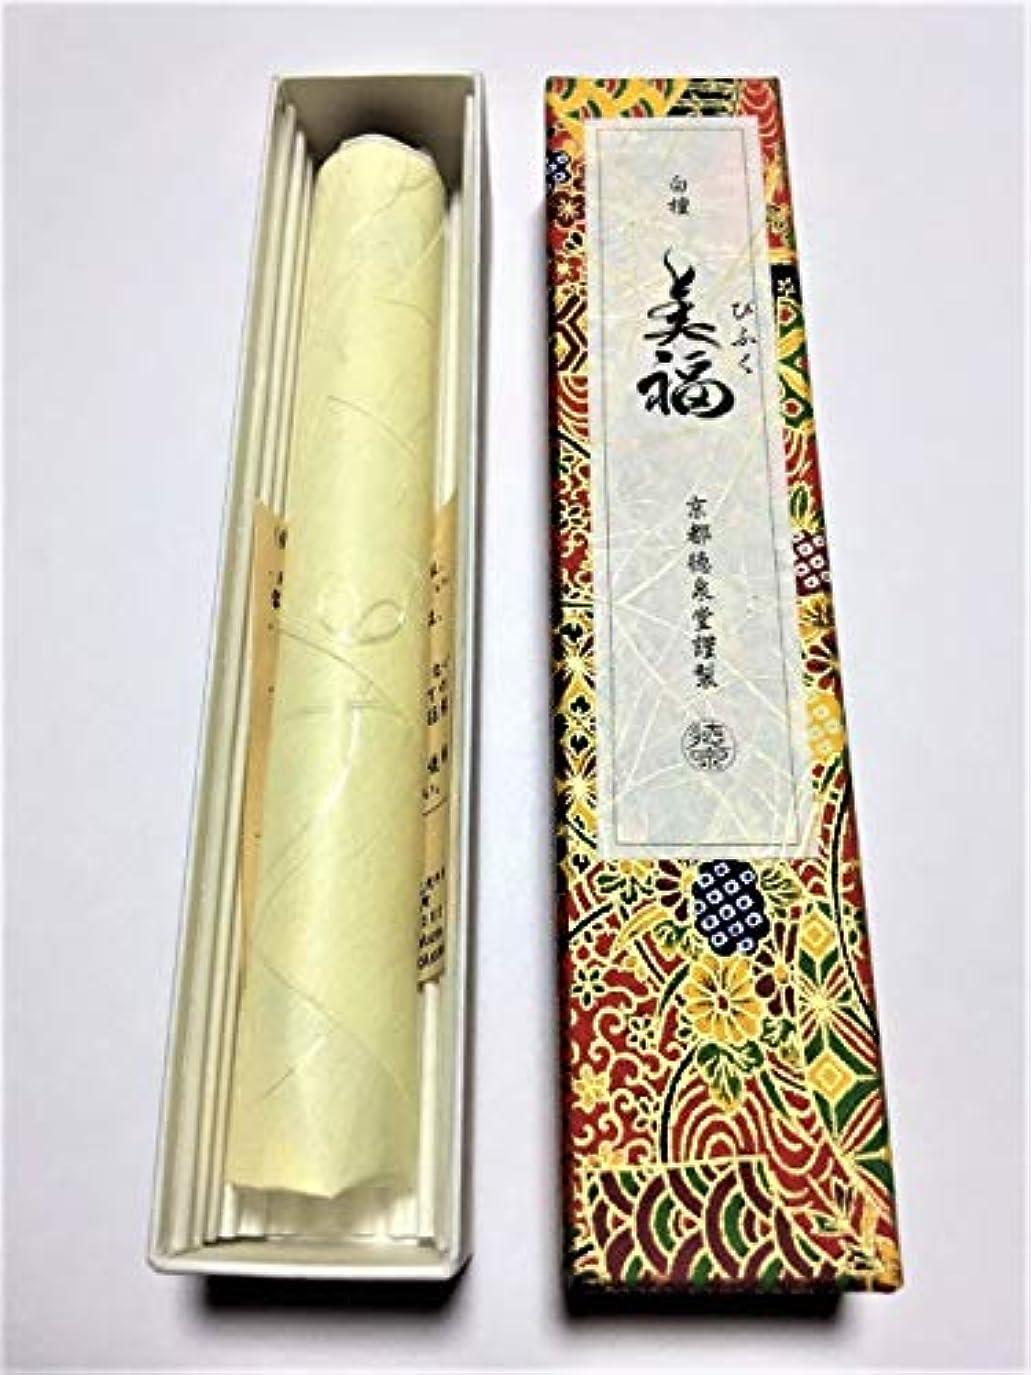 ヒップ稚魚大砲美福(びふく)線香 30本入り 天然材料のみで作った線香 化学物質、無添加の線香